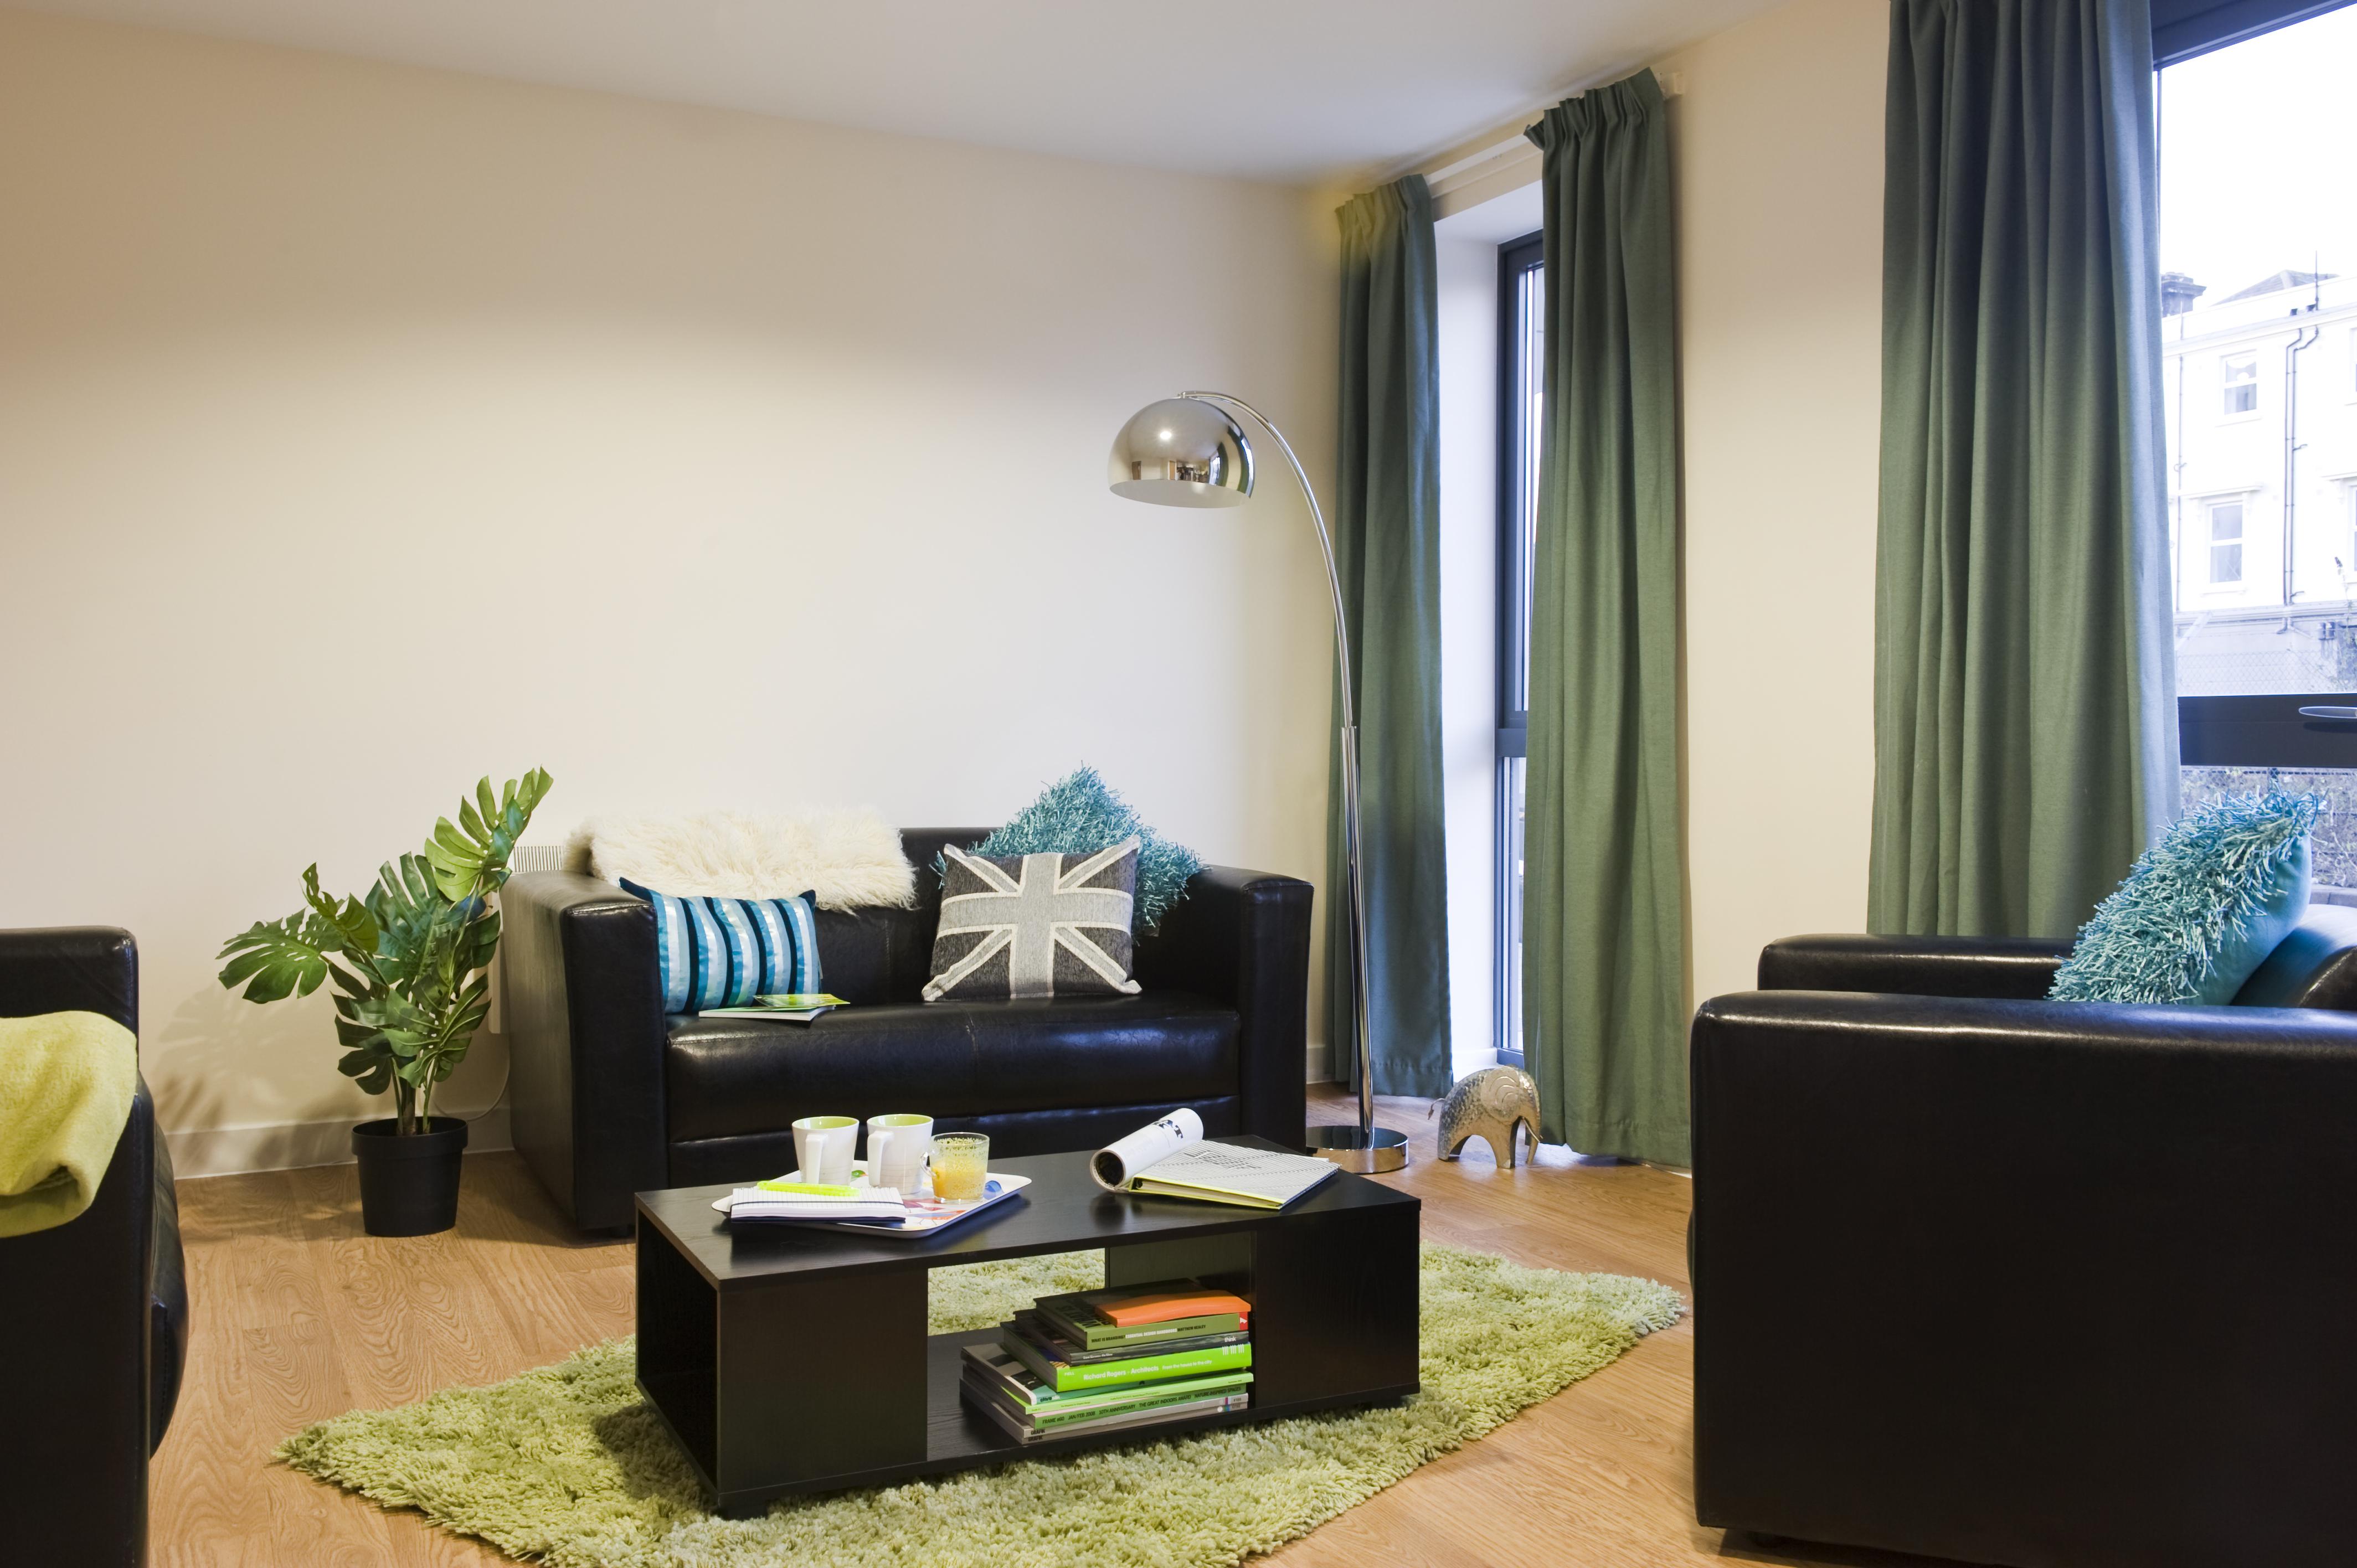 dorchester-house-summer-residence-shared